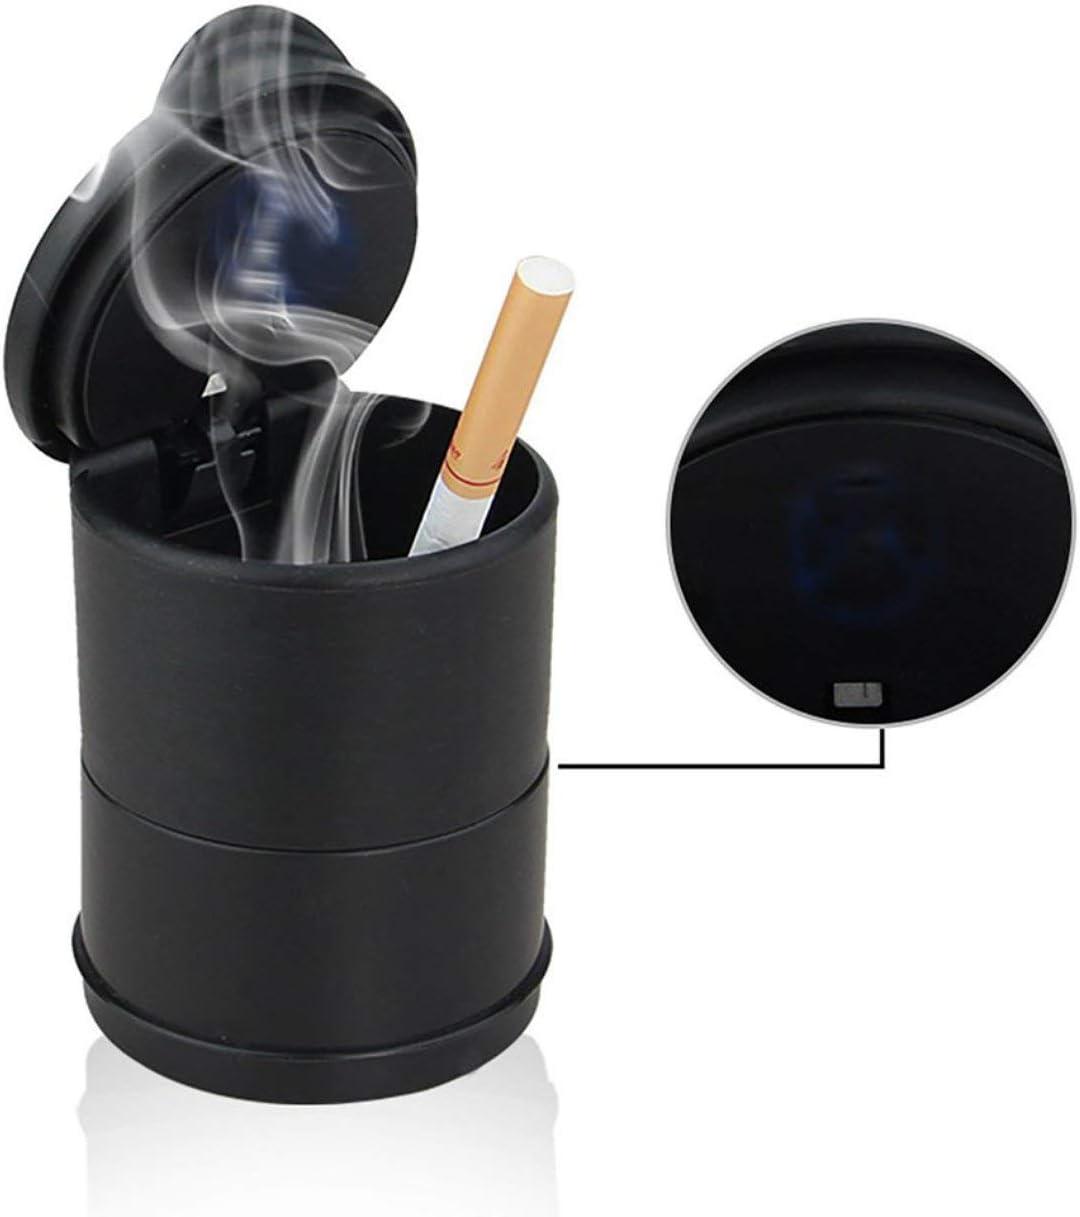 DEjasnyfall schwarz Portable LED Aschenbecher f/ür Auto schwarz Aschenbecher mit Deckel Zylinder Zigarette Aschenbecher mit abnehmbaren Aufbewahrungsbox